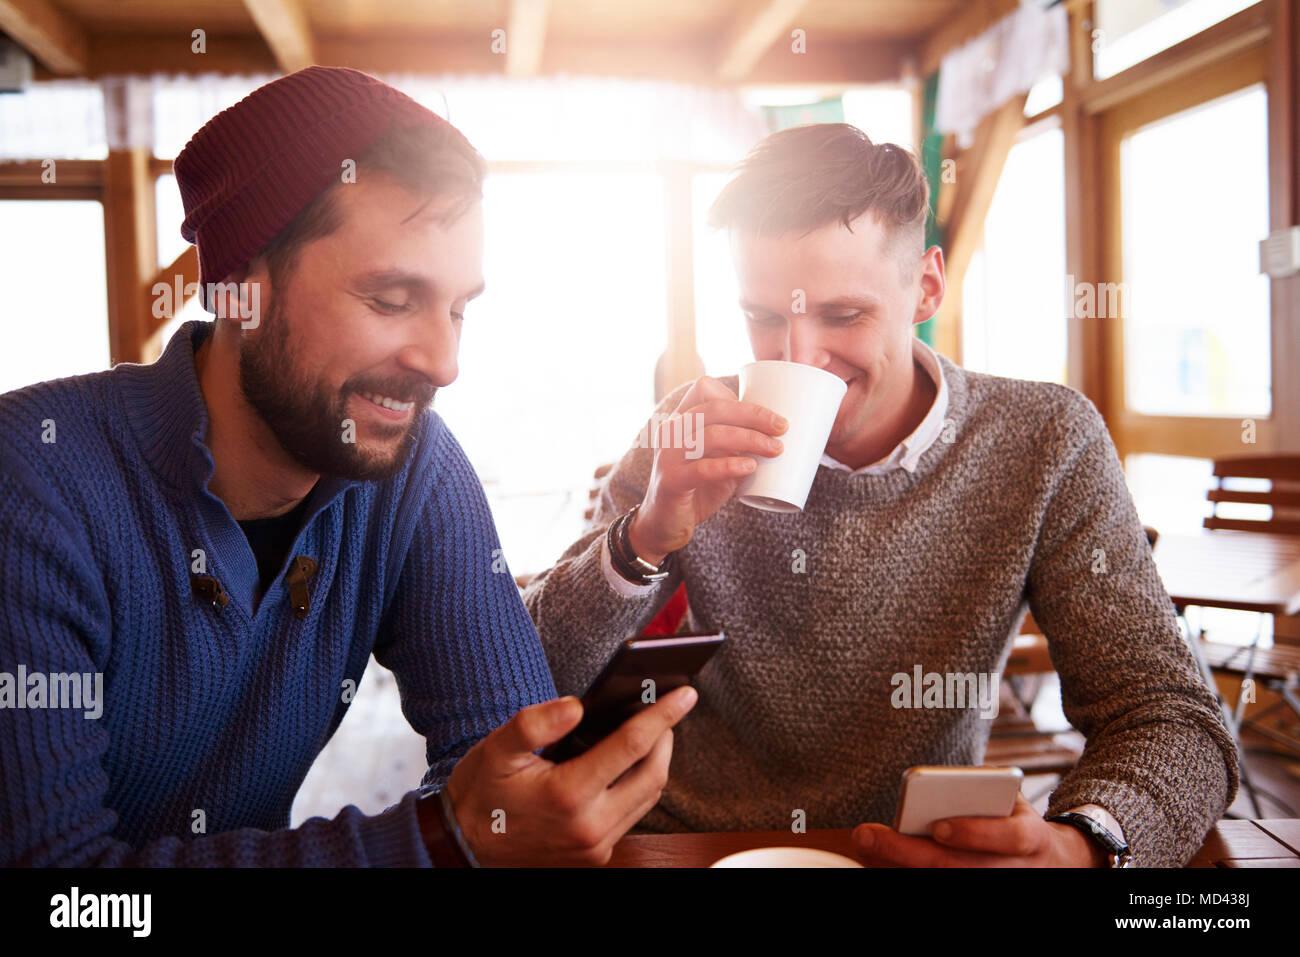 Les jeunes hommes smiling over message texte sur les téléphones mobiles Photo Stock